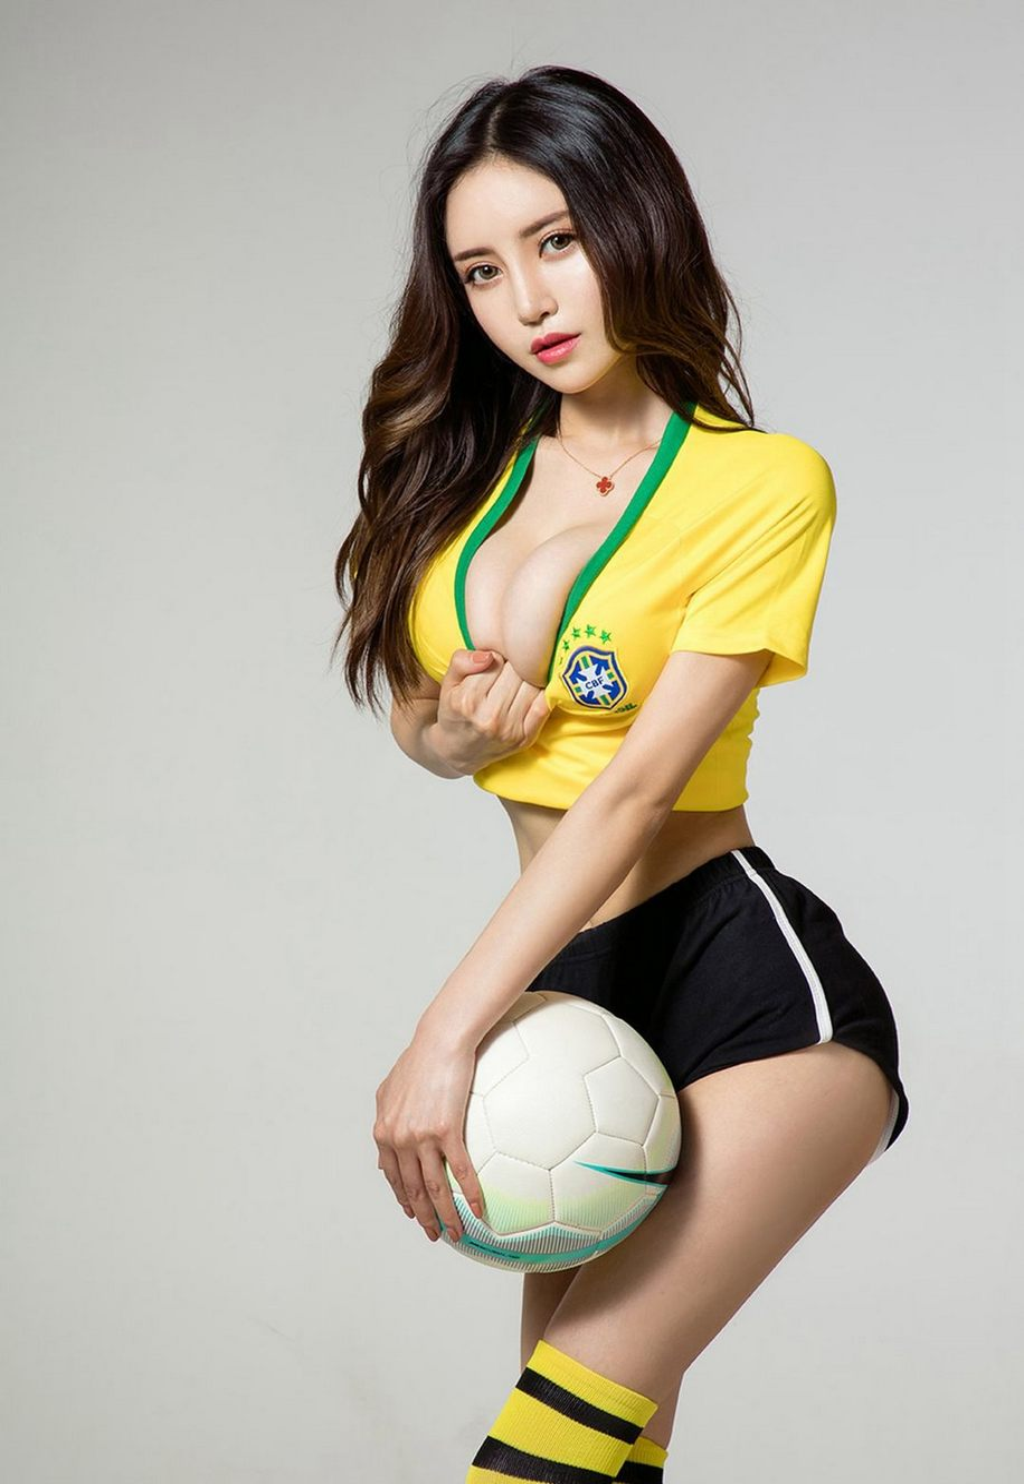 足球宝贝美女的性感写真